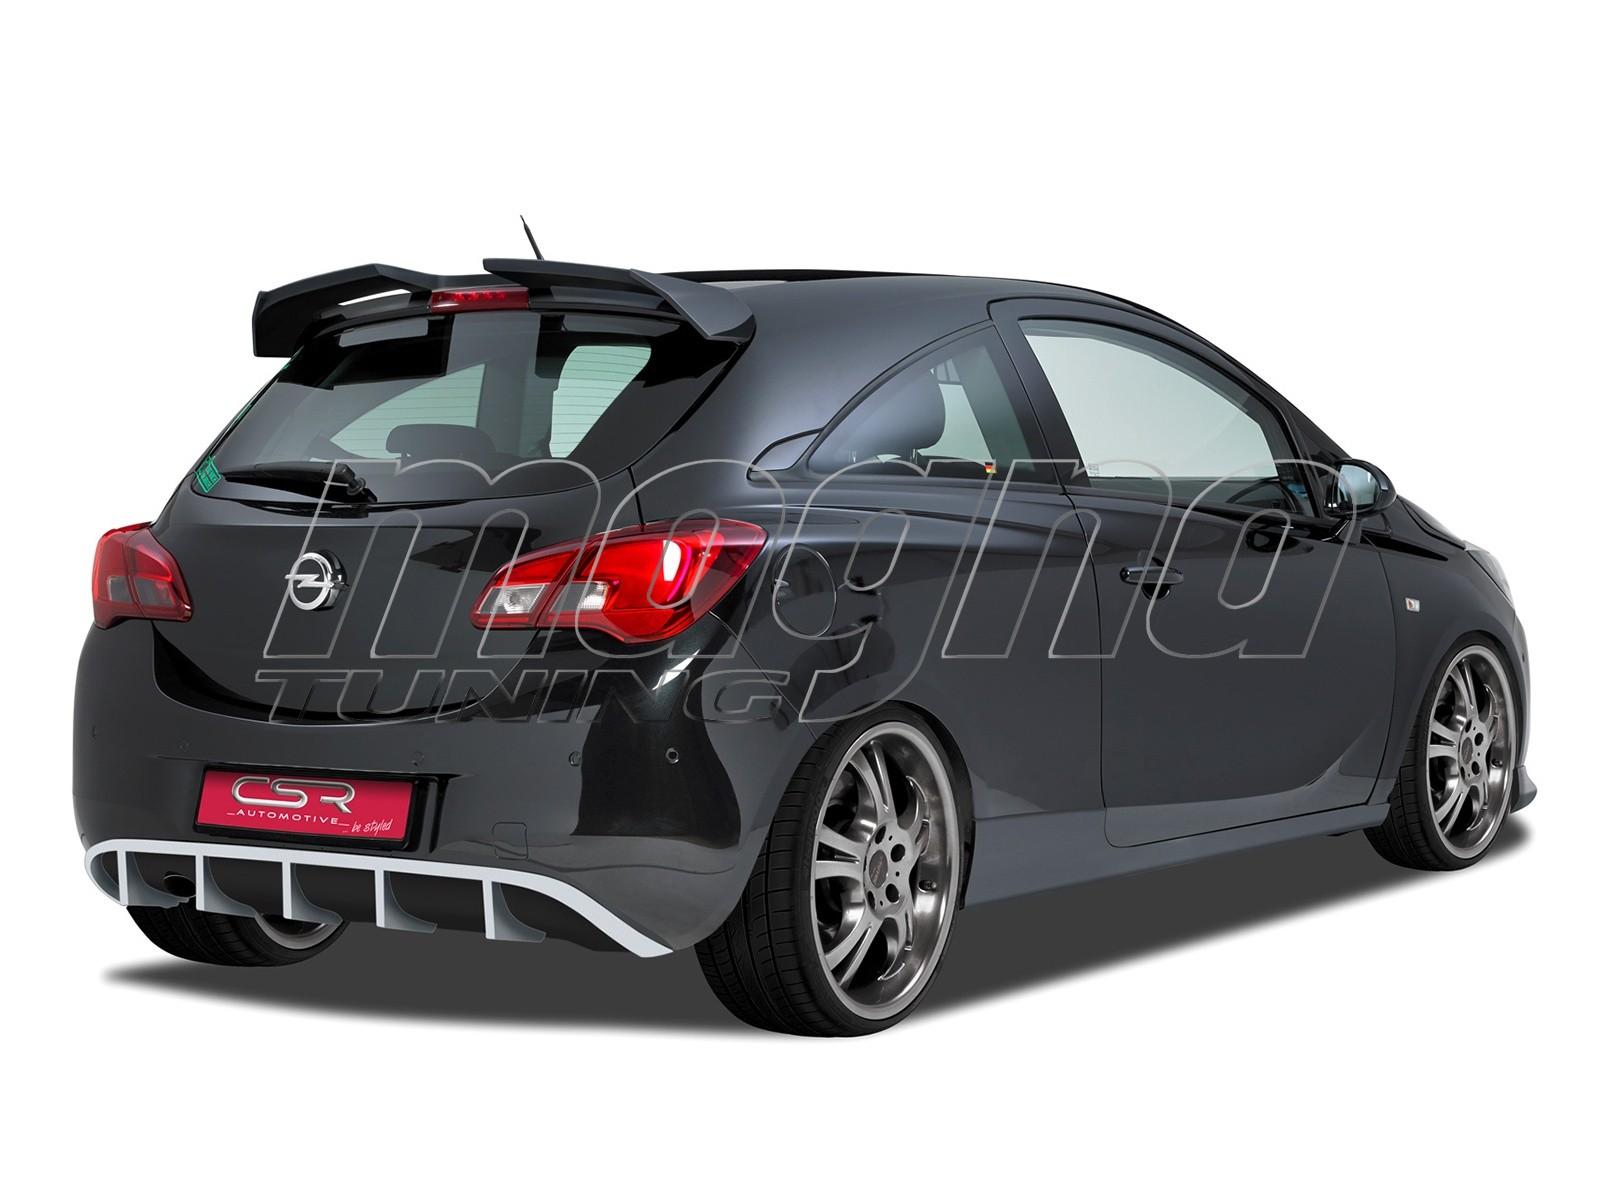 Opel Corsa E Crono Rear Bumper Extension